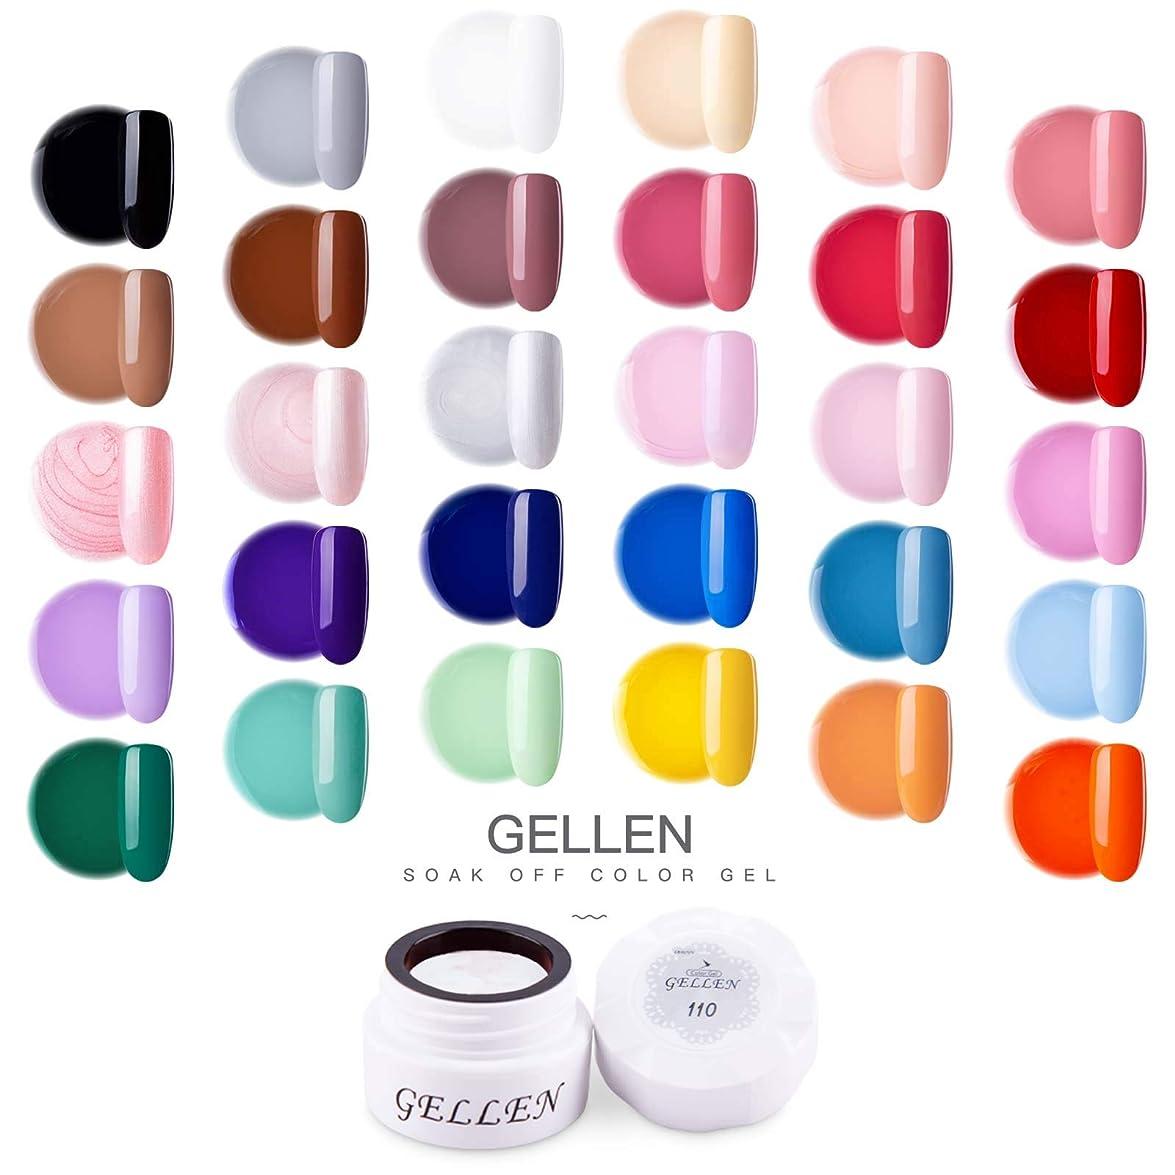 平手打ち手綱凍結Gellen カラージェル 30色定番カラー セット 高品質 5g ジェルネイル カラー ネイルブラシ付き